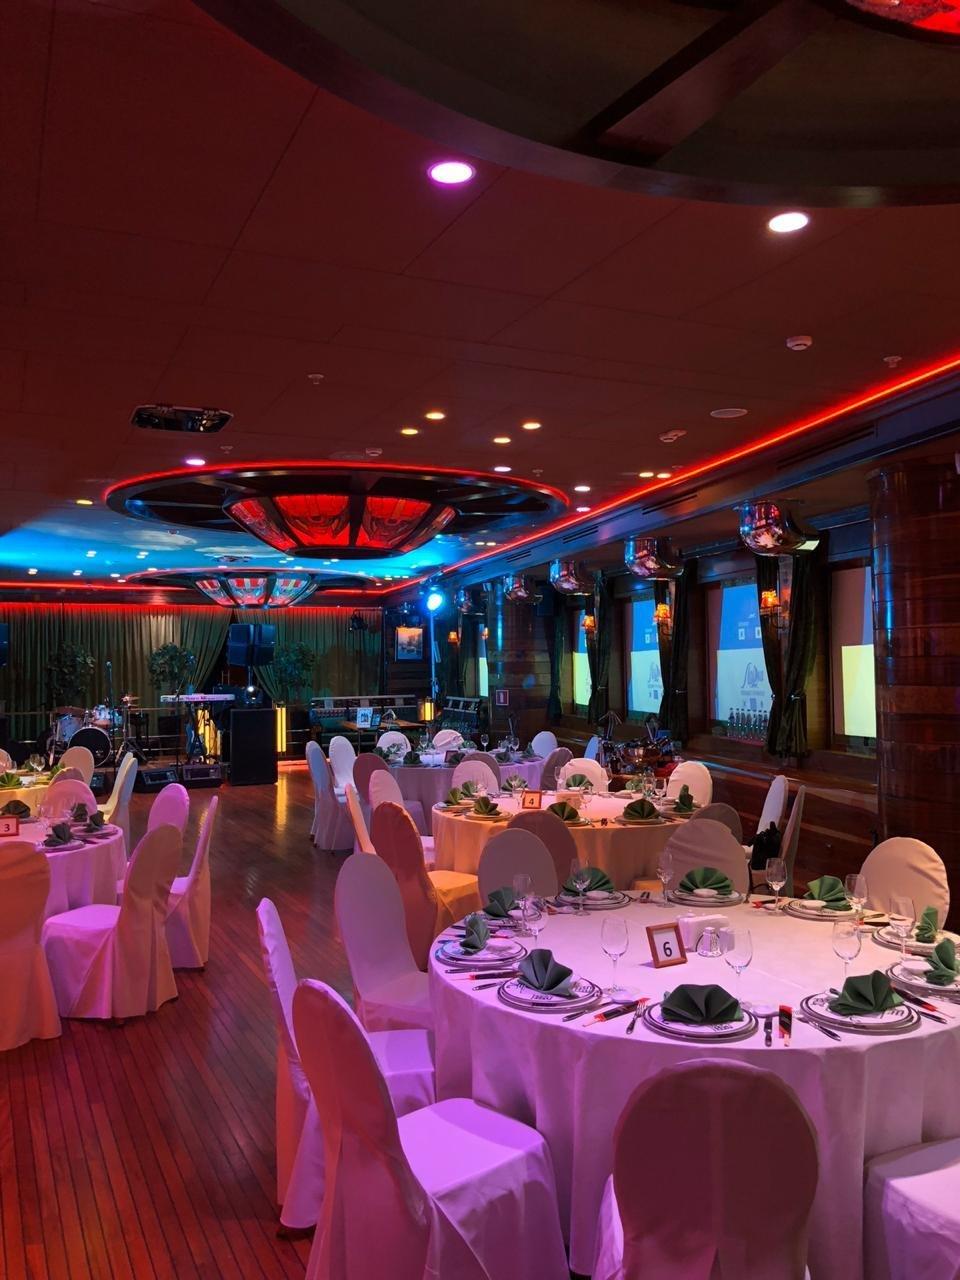 фотография Ресторана Лодка в ТЦ Лотте Плаза